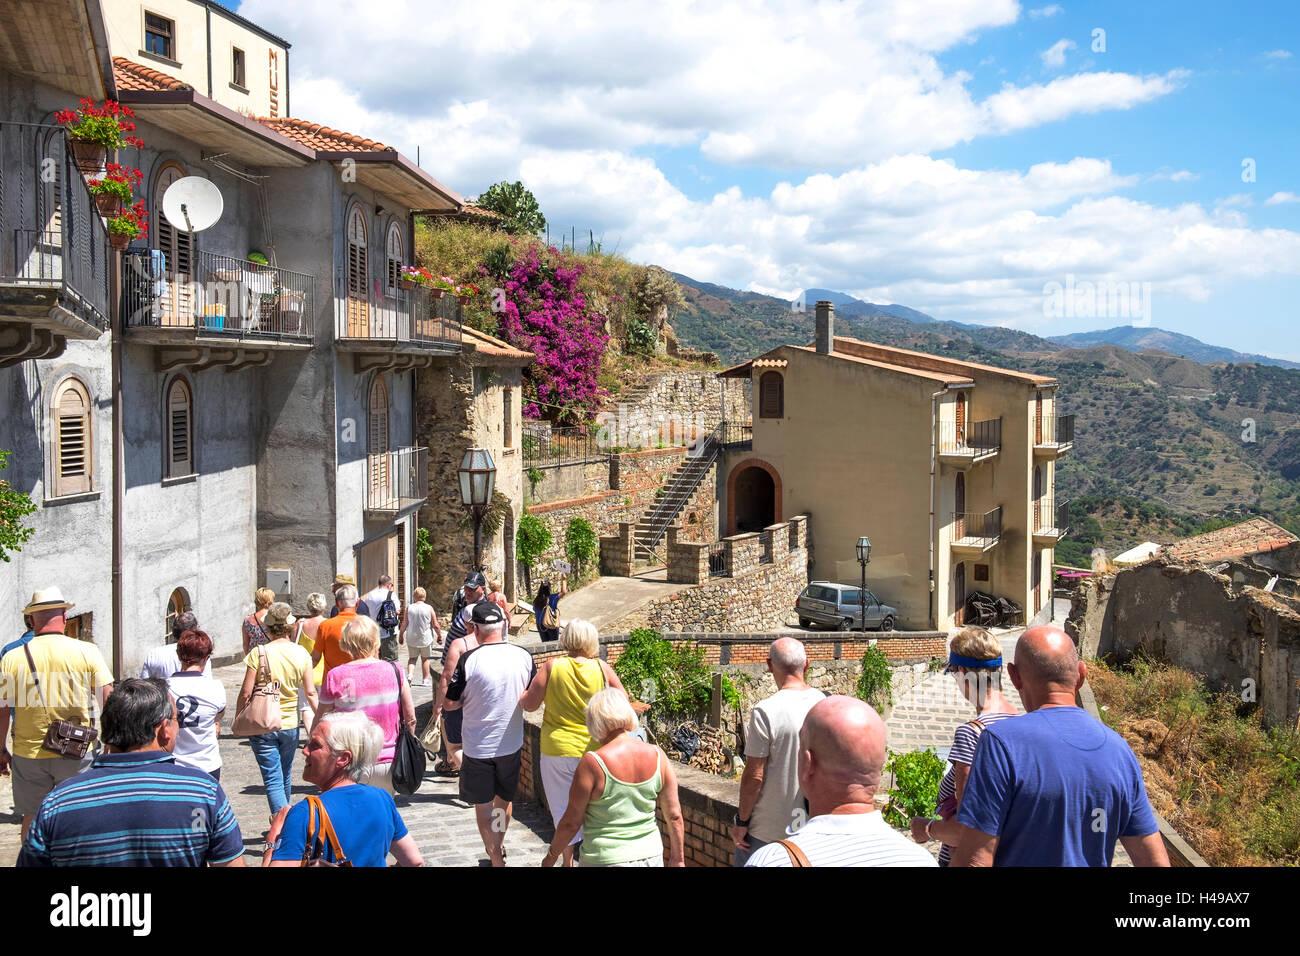 Eine Reisegruppe zu Besuch in der Berg-Dorf Savoca auf der Insel Sizilien, Italien. Stockbild